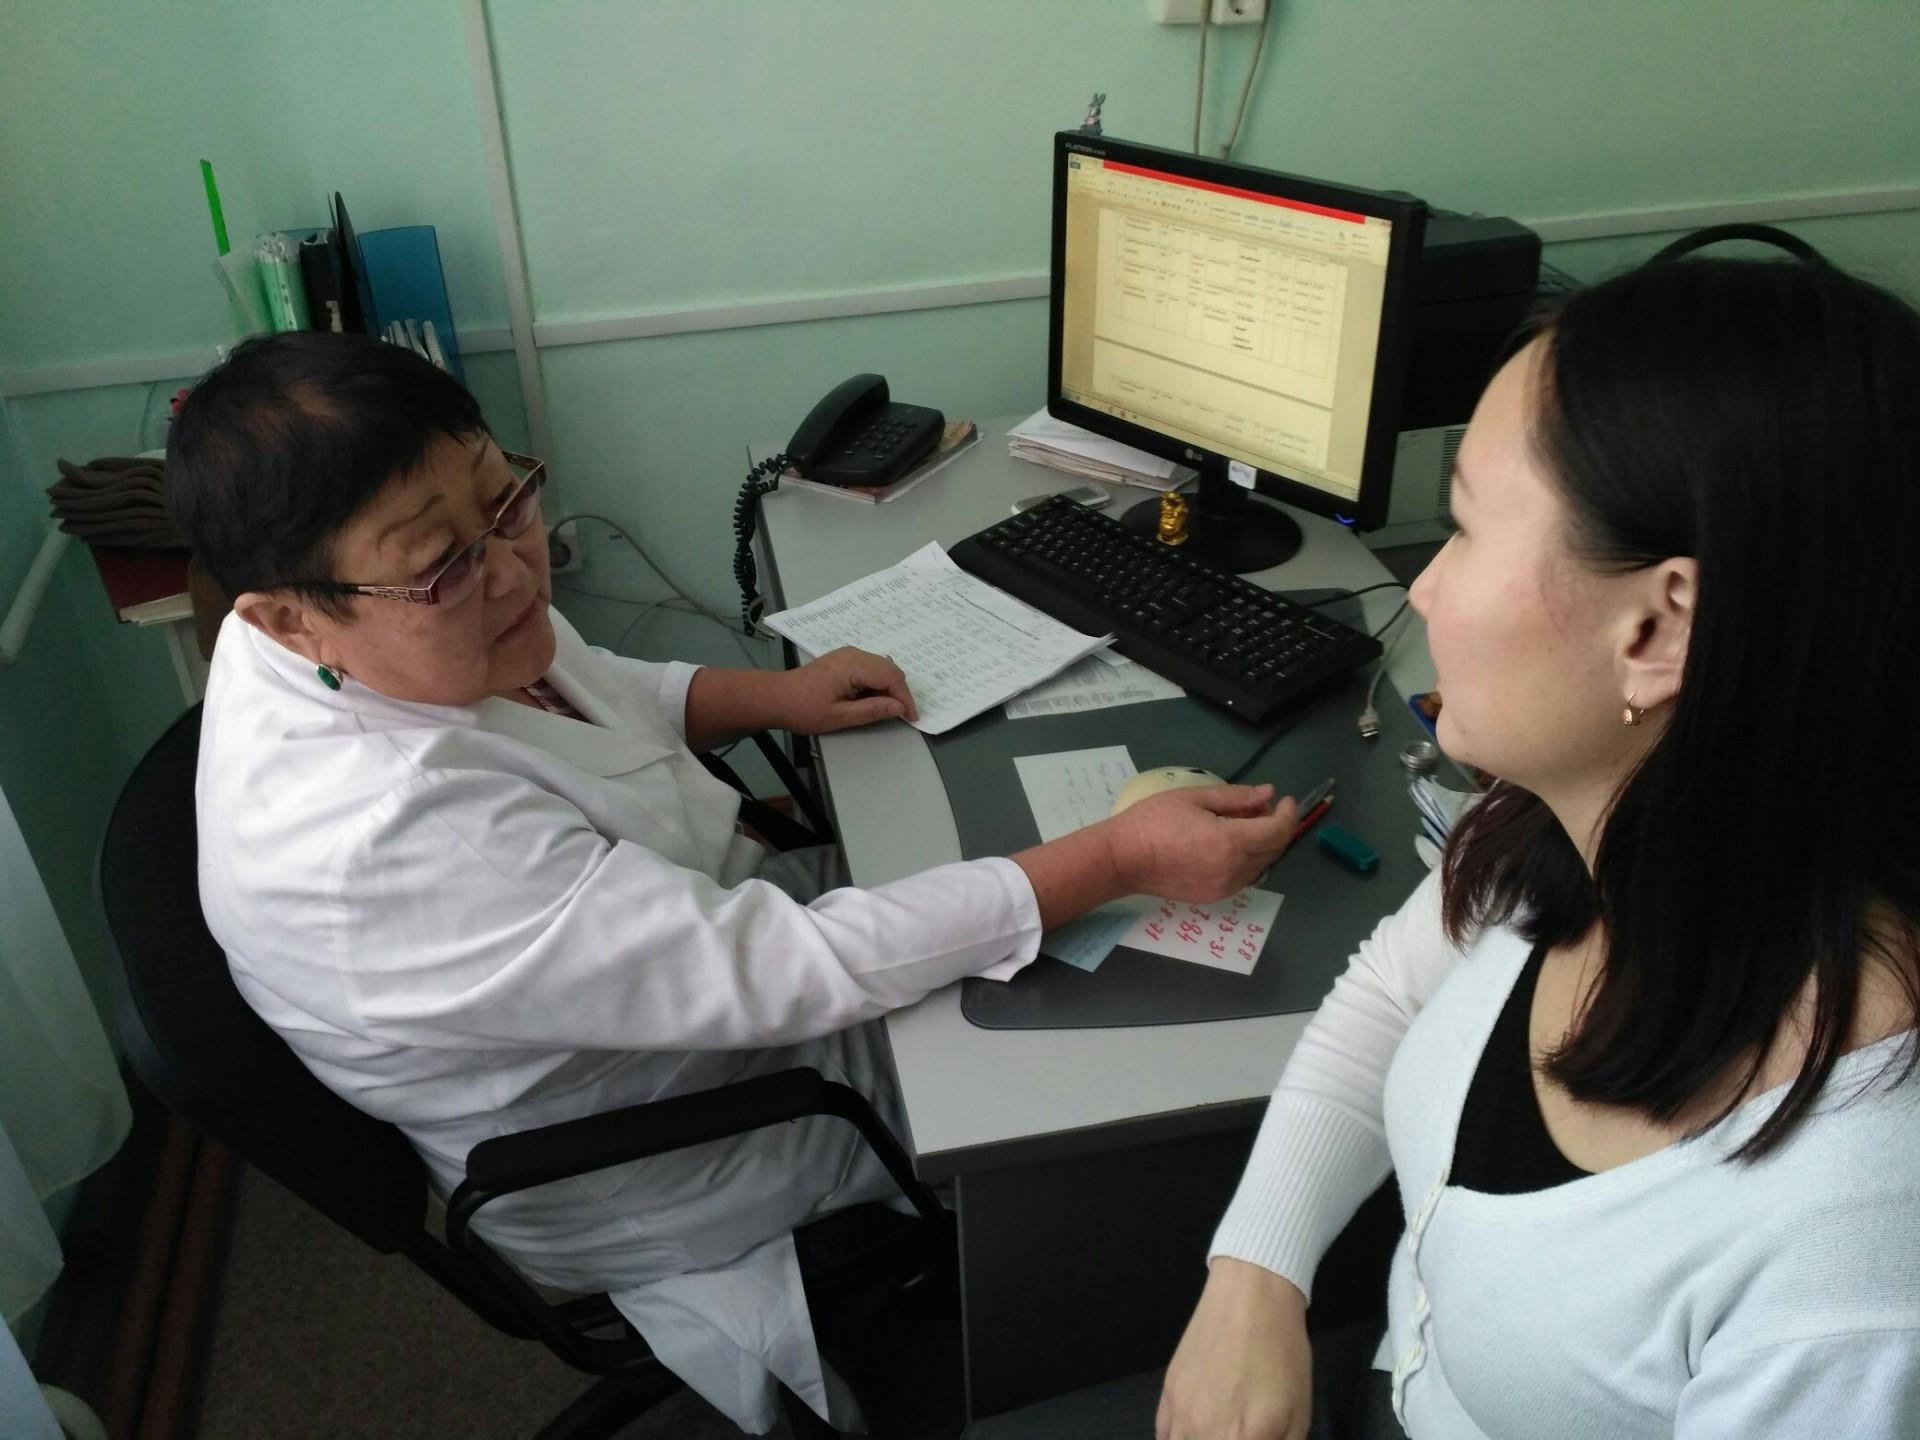 Сколько времени могут принимать одного пациента в поликлинике